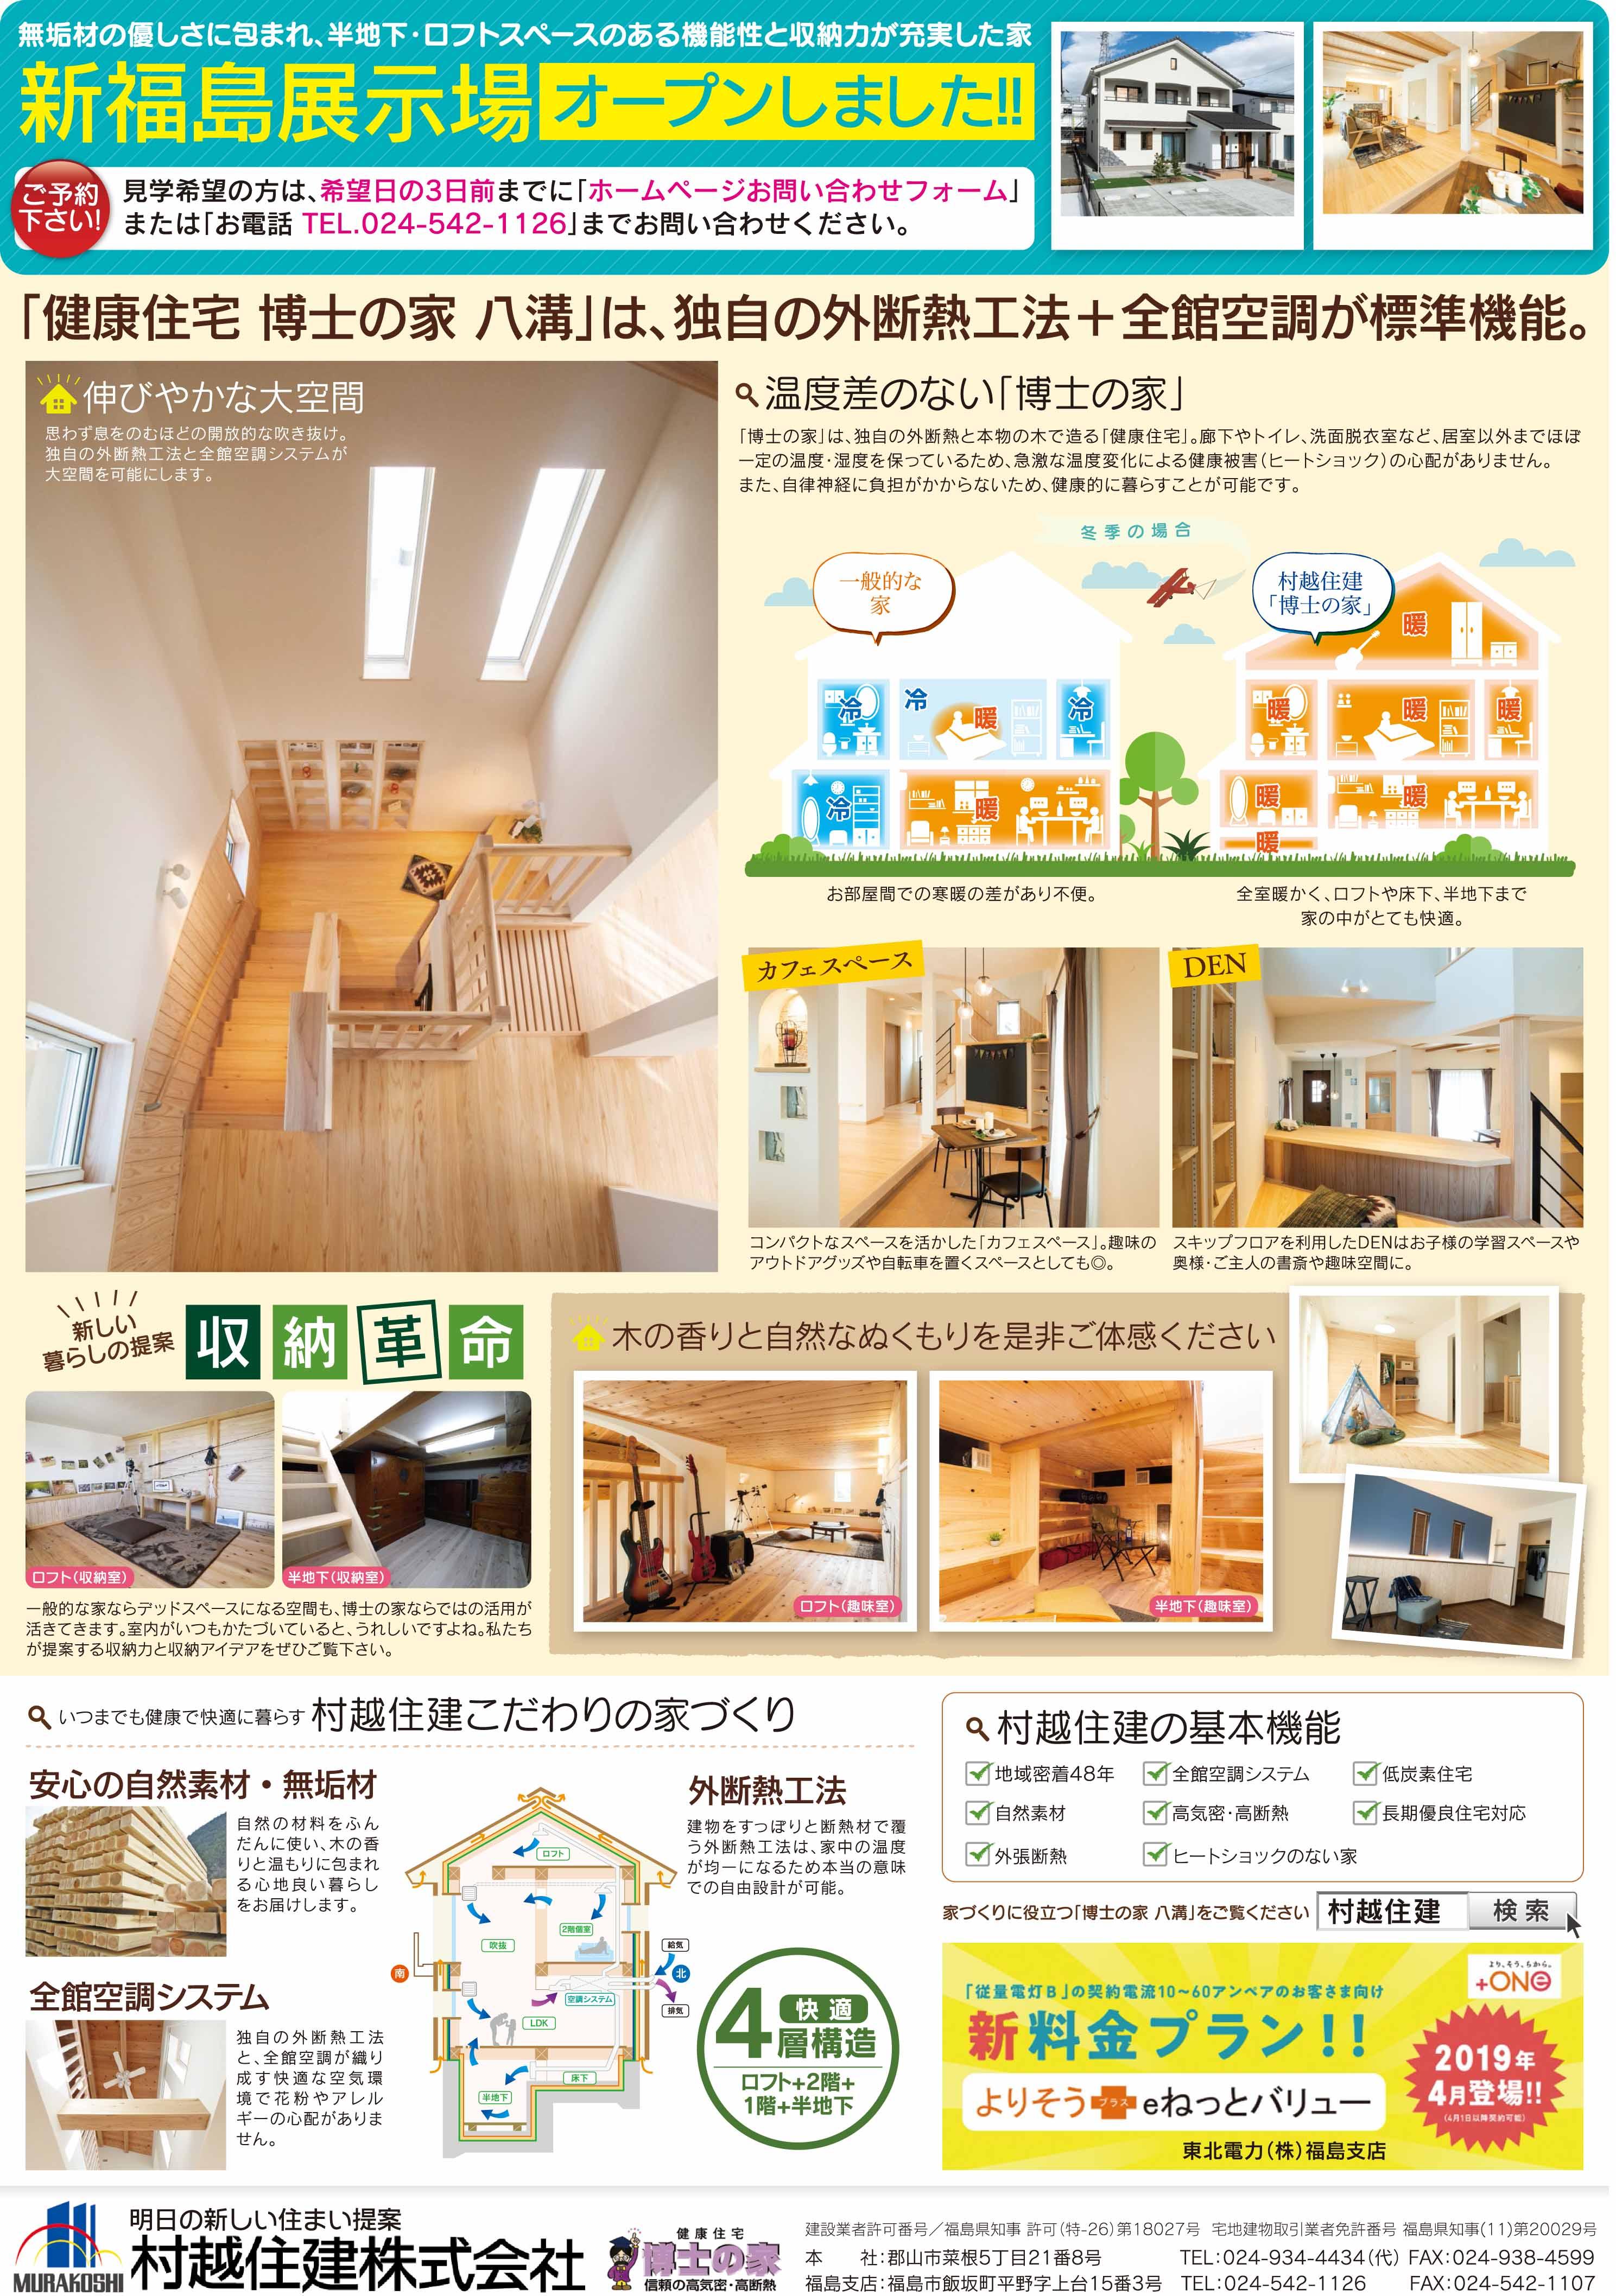 31.4.20見学会 福島 新聞折り込み 裏